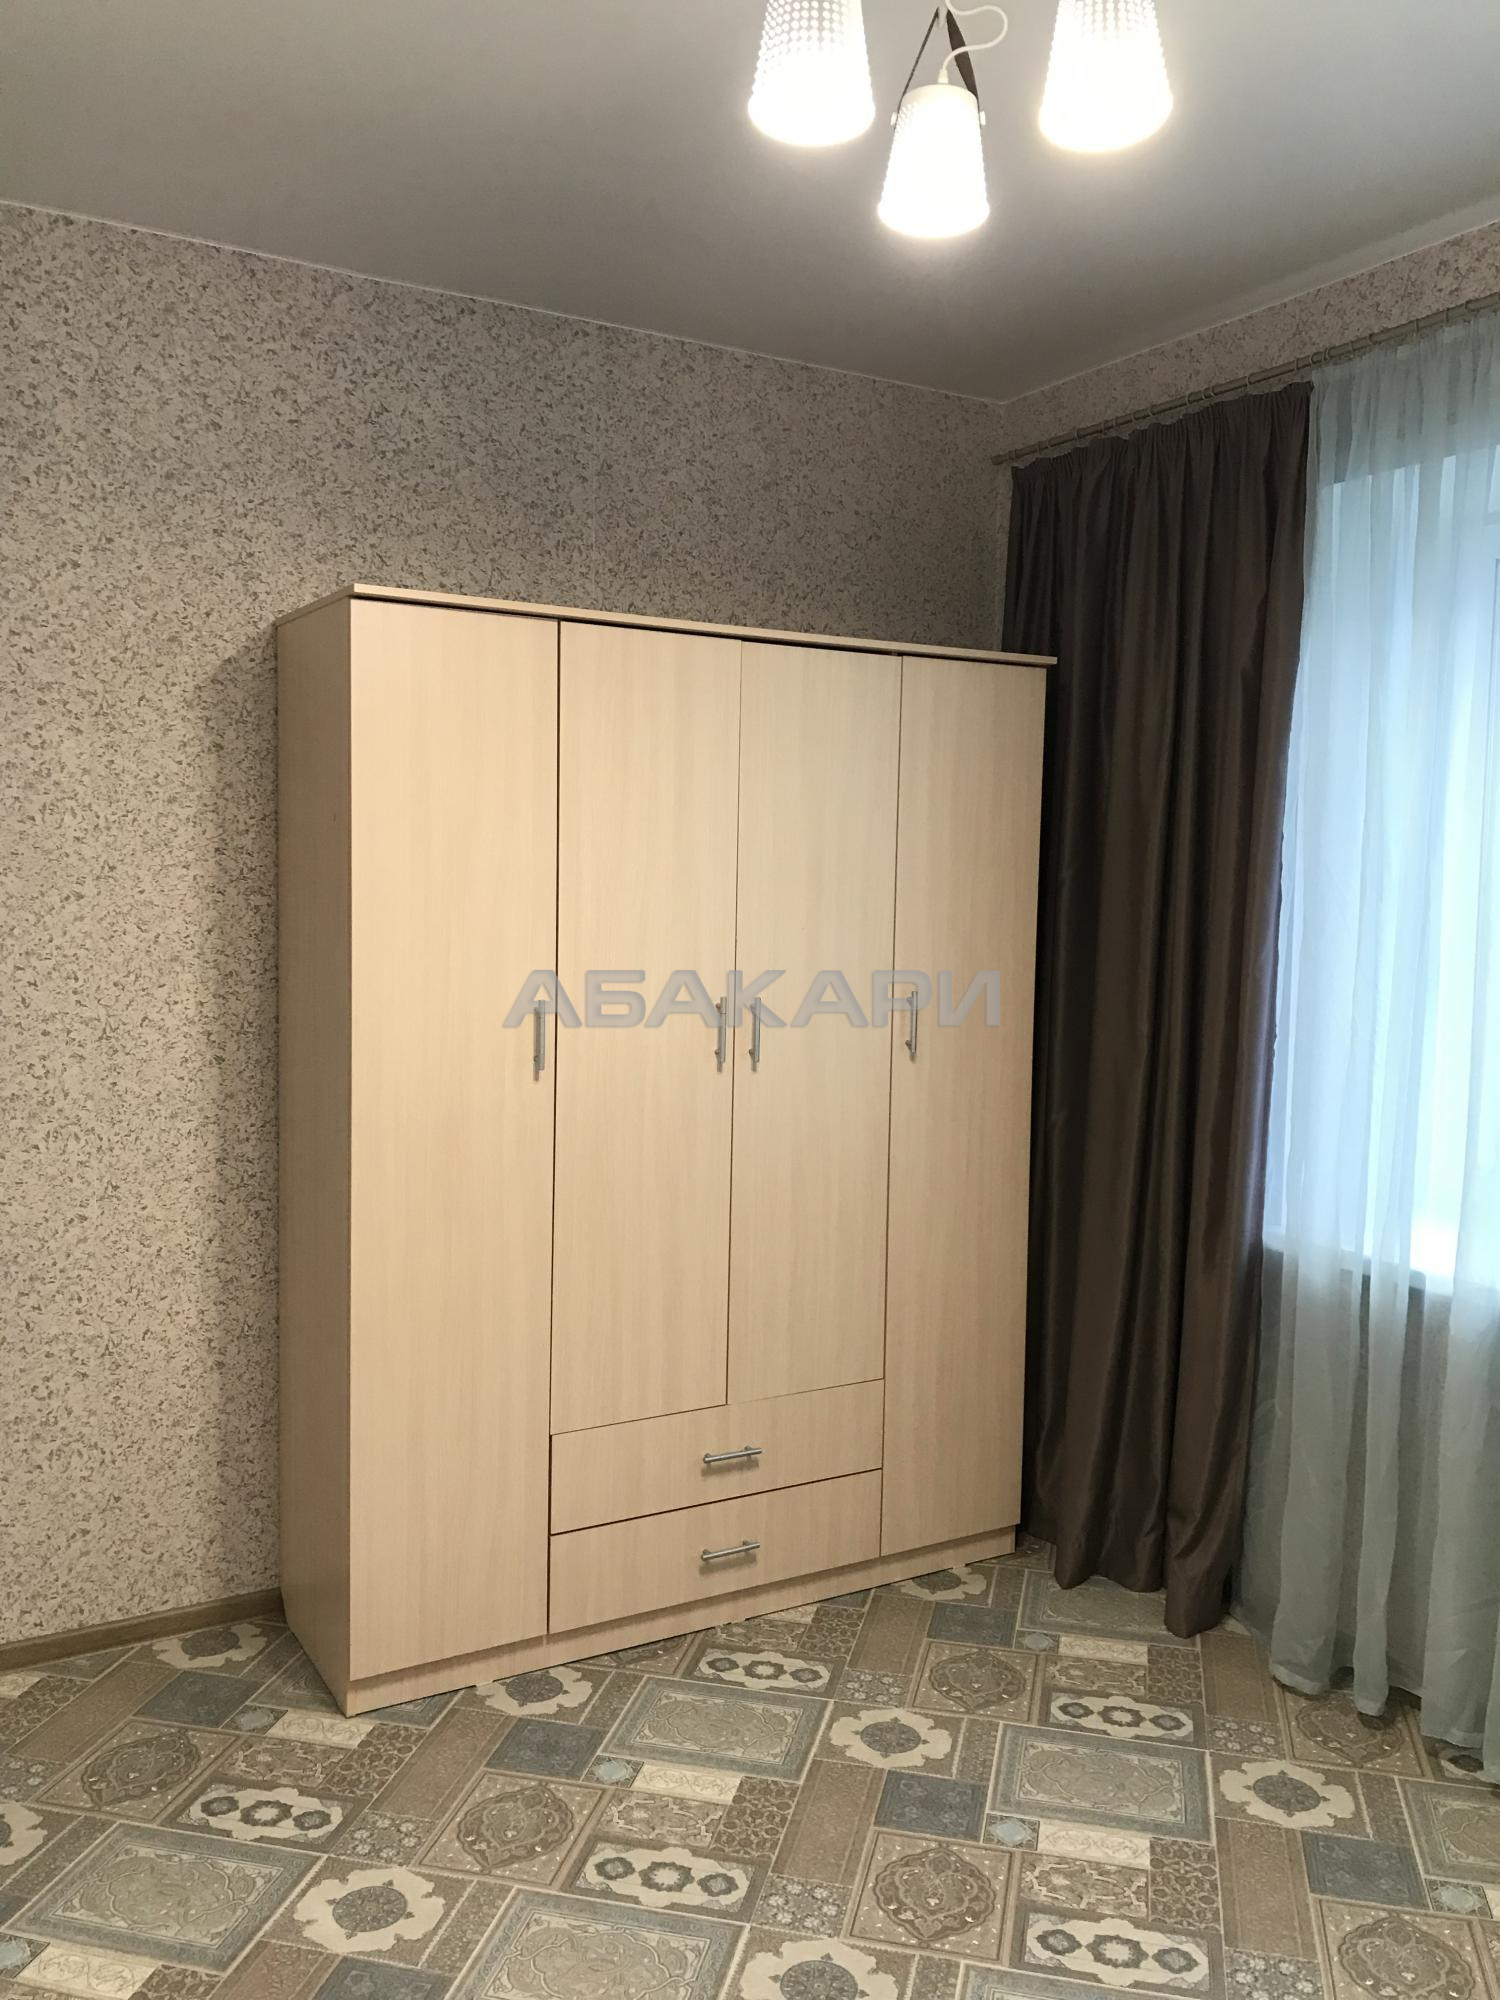 2к квартира улица Академика Вавилова, 56Б 9/9 - 51кв   18000   аренда в Красноярске фото 2